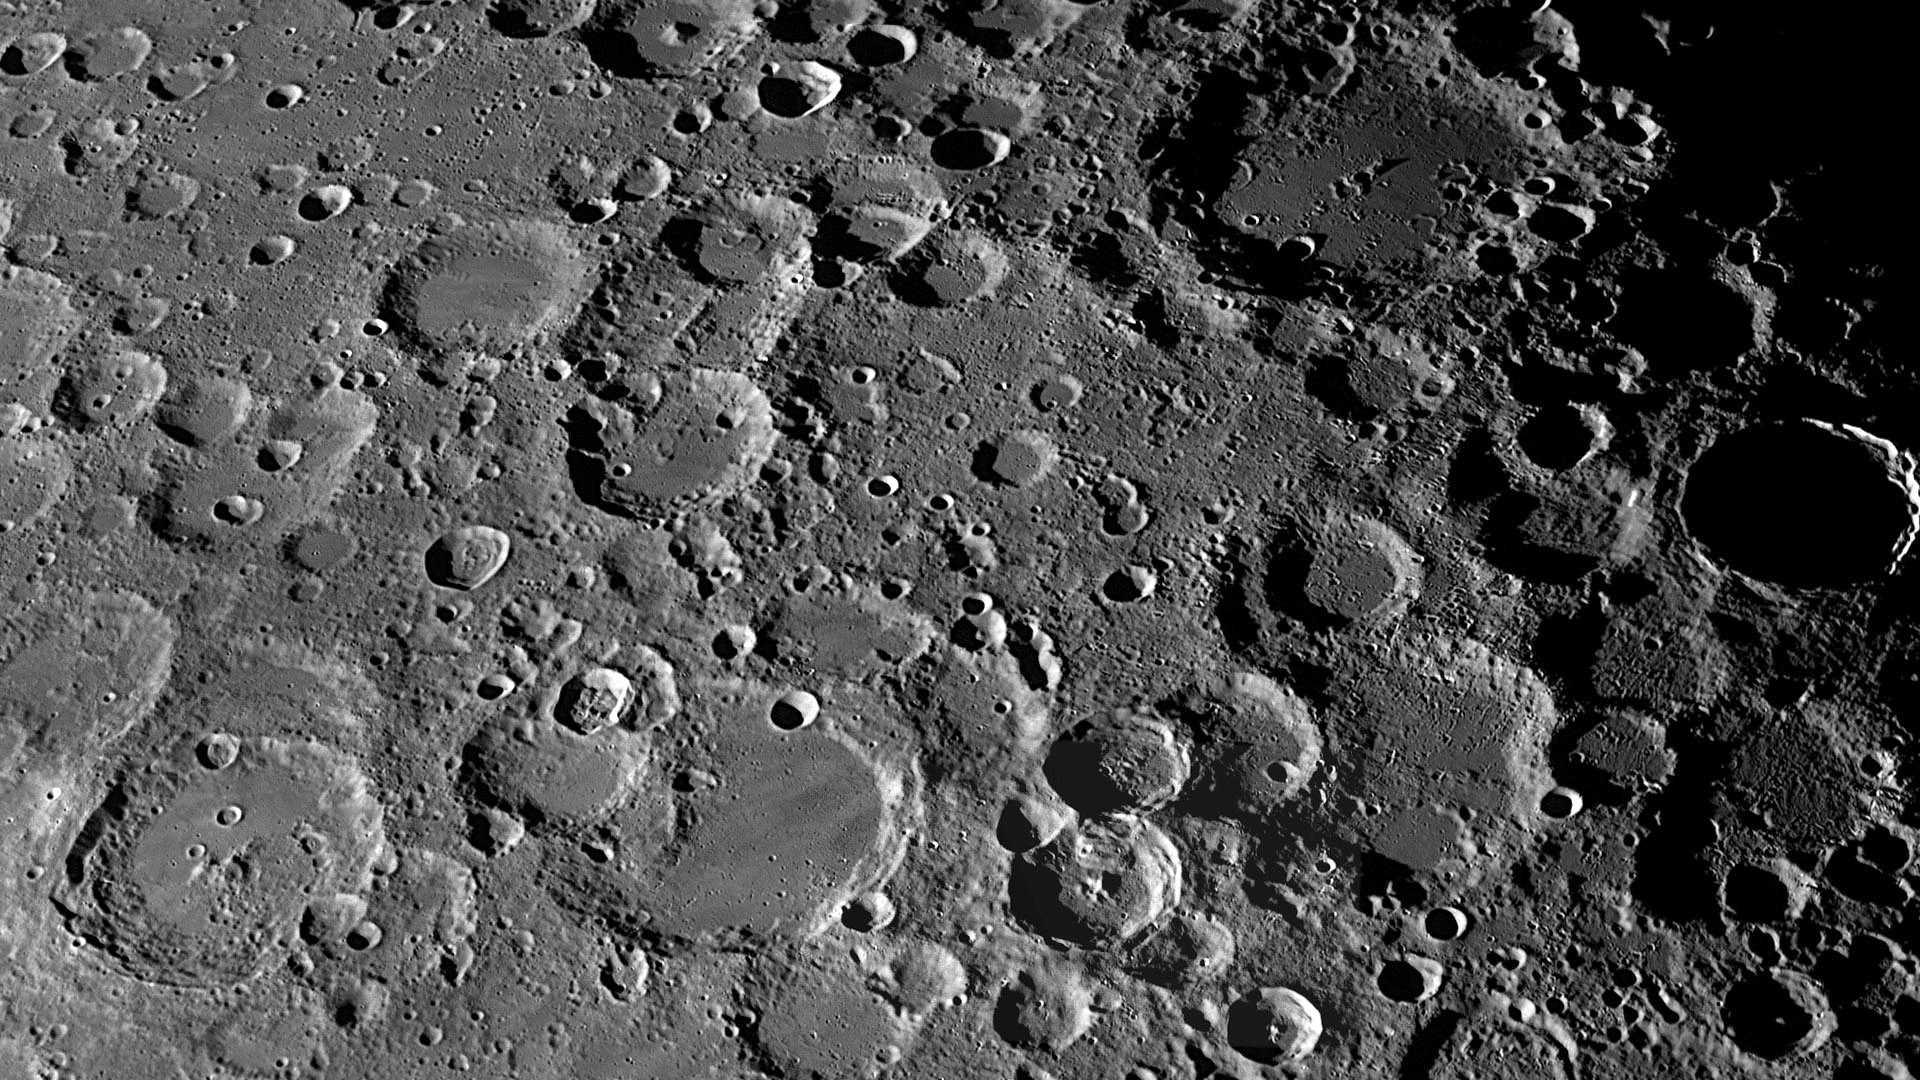 Чанъэ-5 нашел самые молодые вулканические породы Луны (16 9)